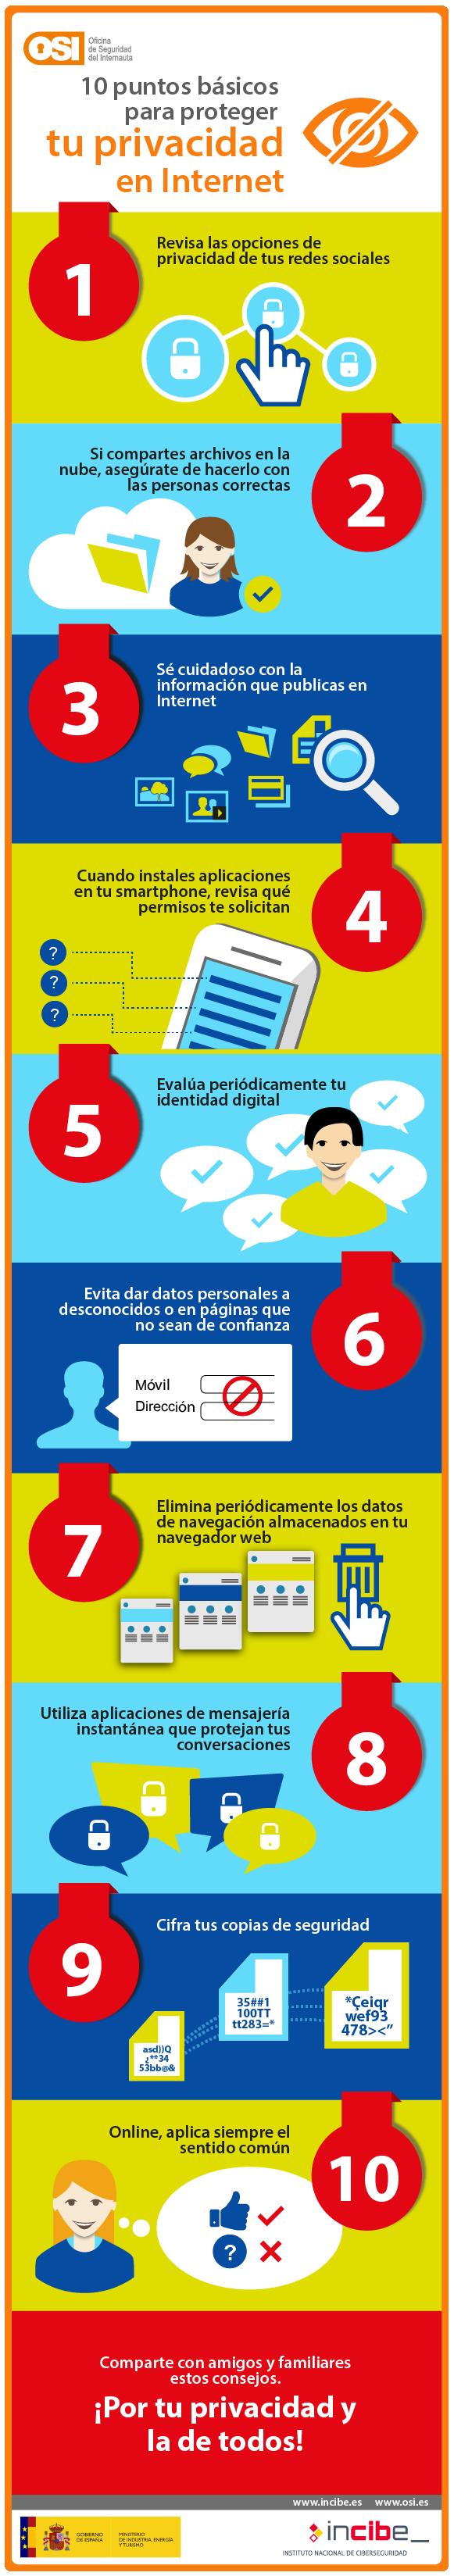 10 puntos básicos para proteger tu privacidad en Internet